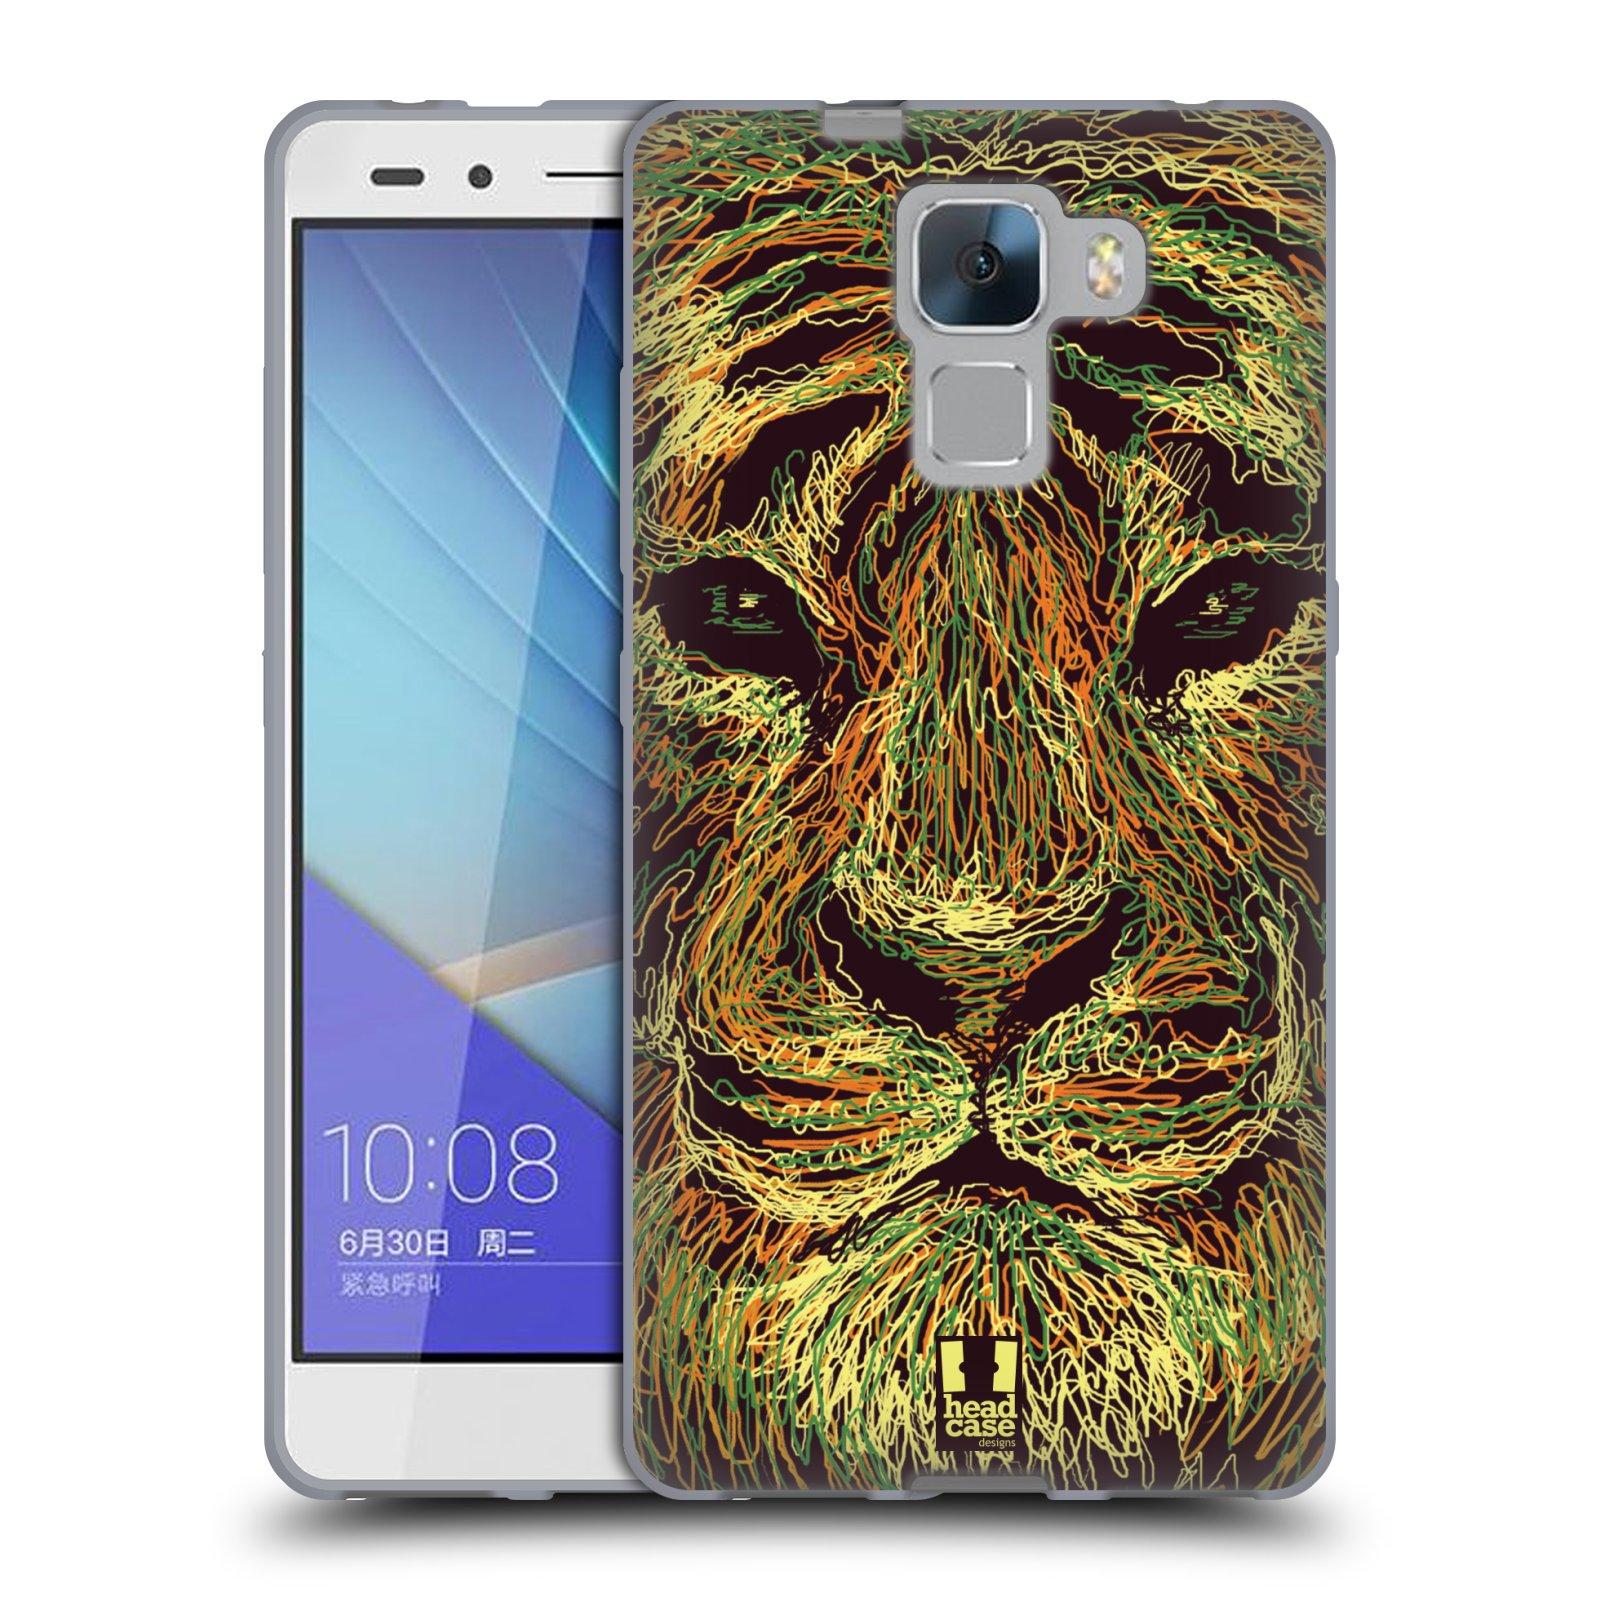 HEAD CASE silikonový obal na mobil HUAWEI HONOR 7 vzor zvíře čmáranice tygr